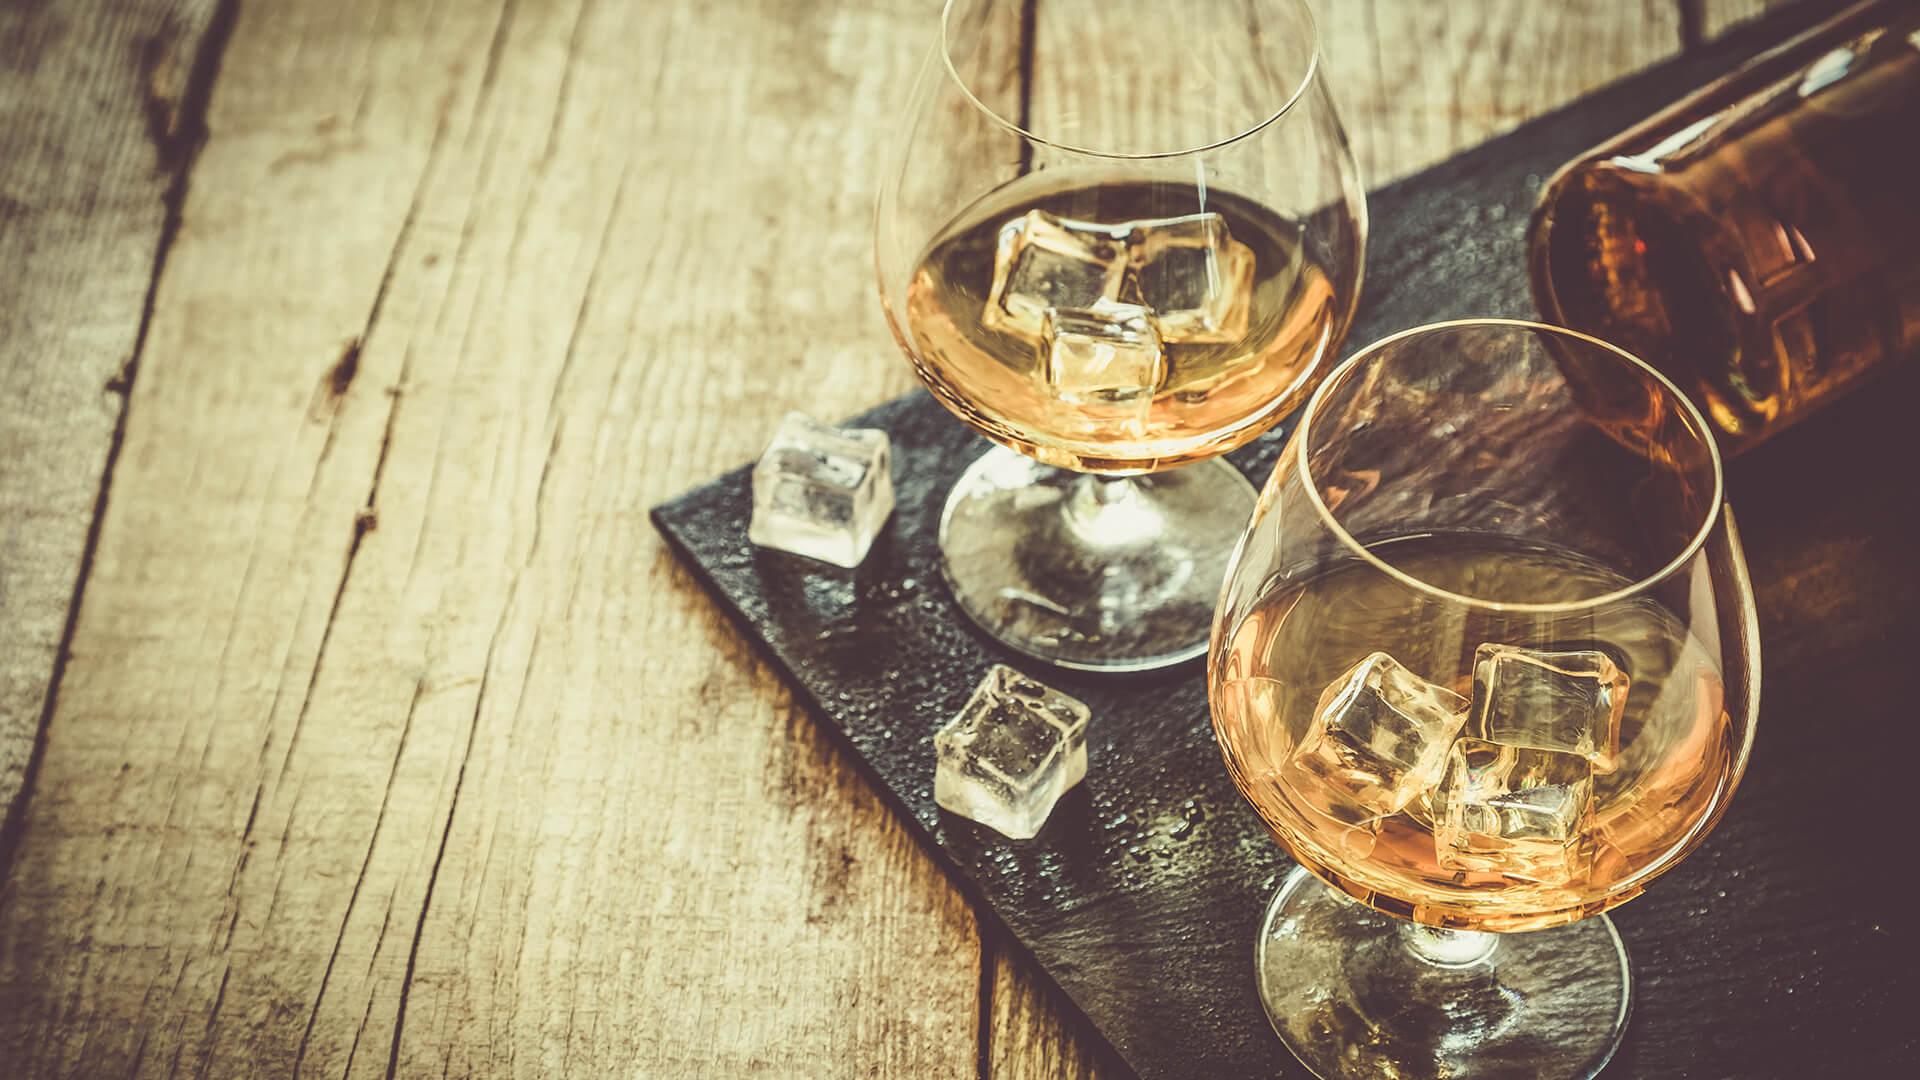 Cognac-Carl-Roth-Karlsruhe-Labor-Historie-Geschichte